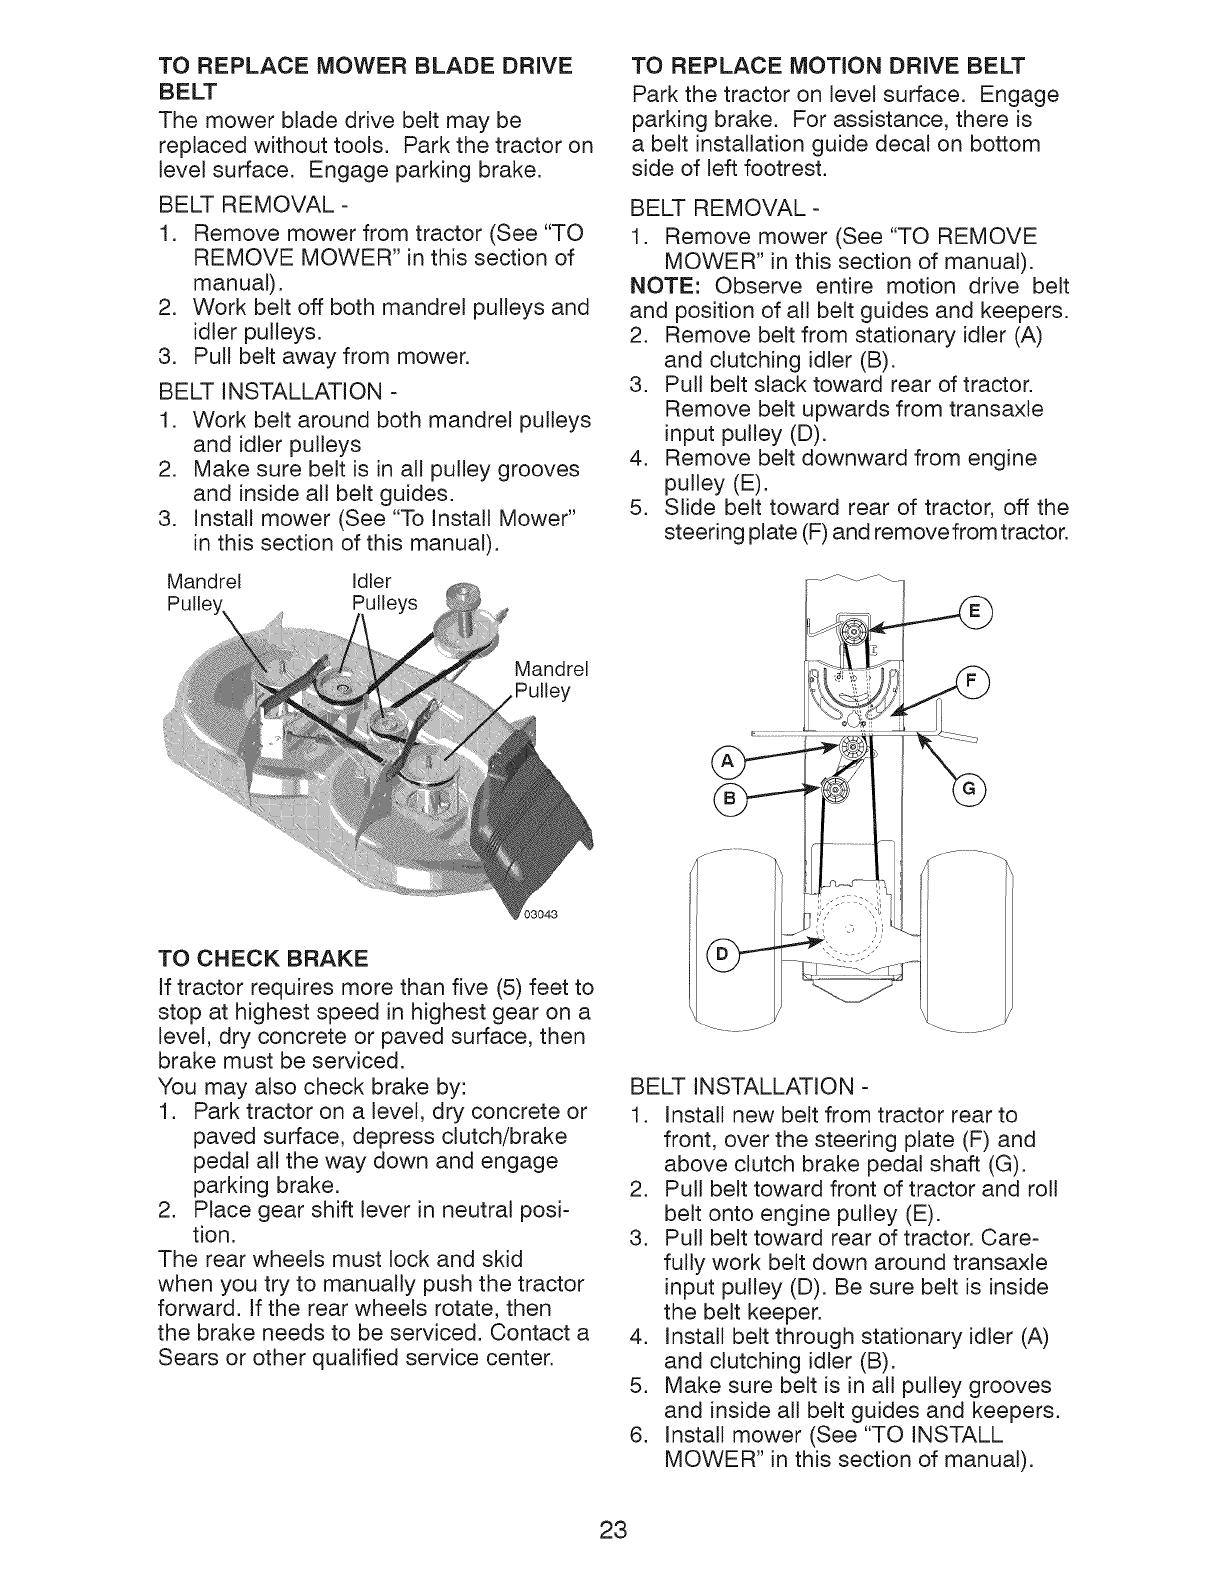 25 Craftsman Yt 3000 Belt Diagram